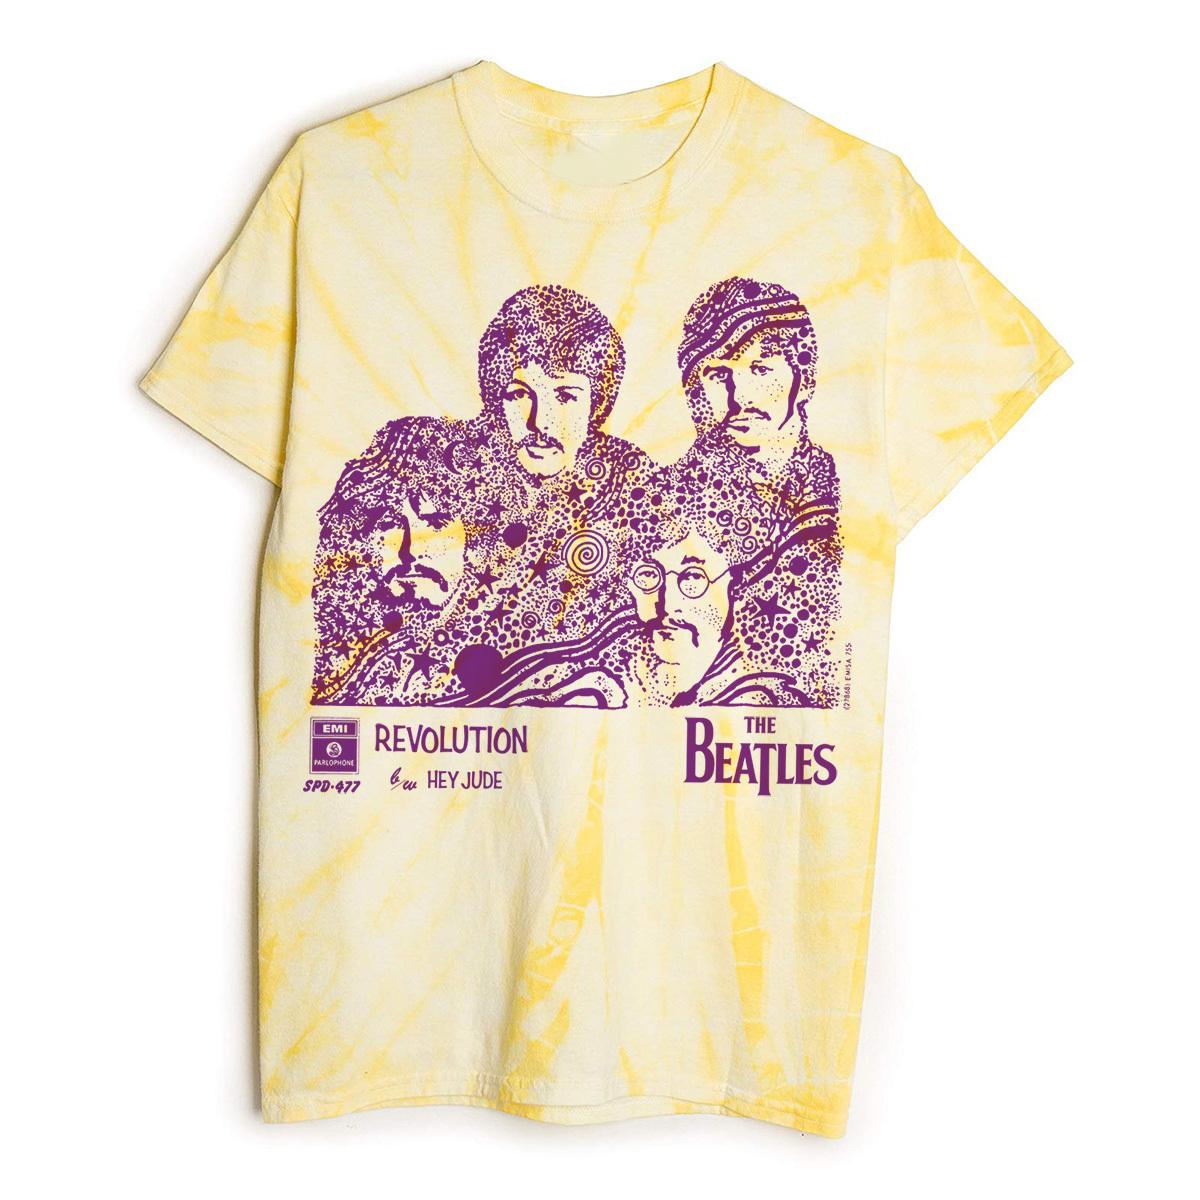 Revolution/Hey Jude Yellow Tie-Die T-Shirt